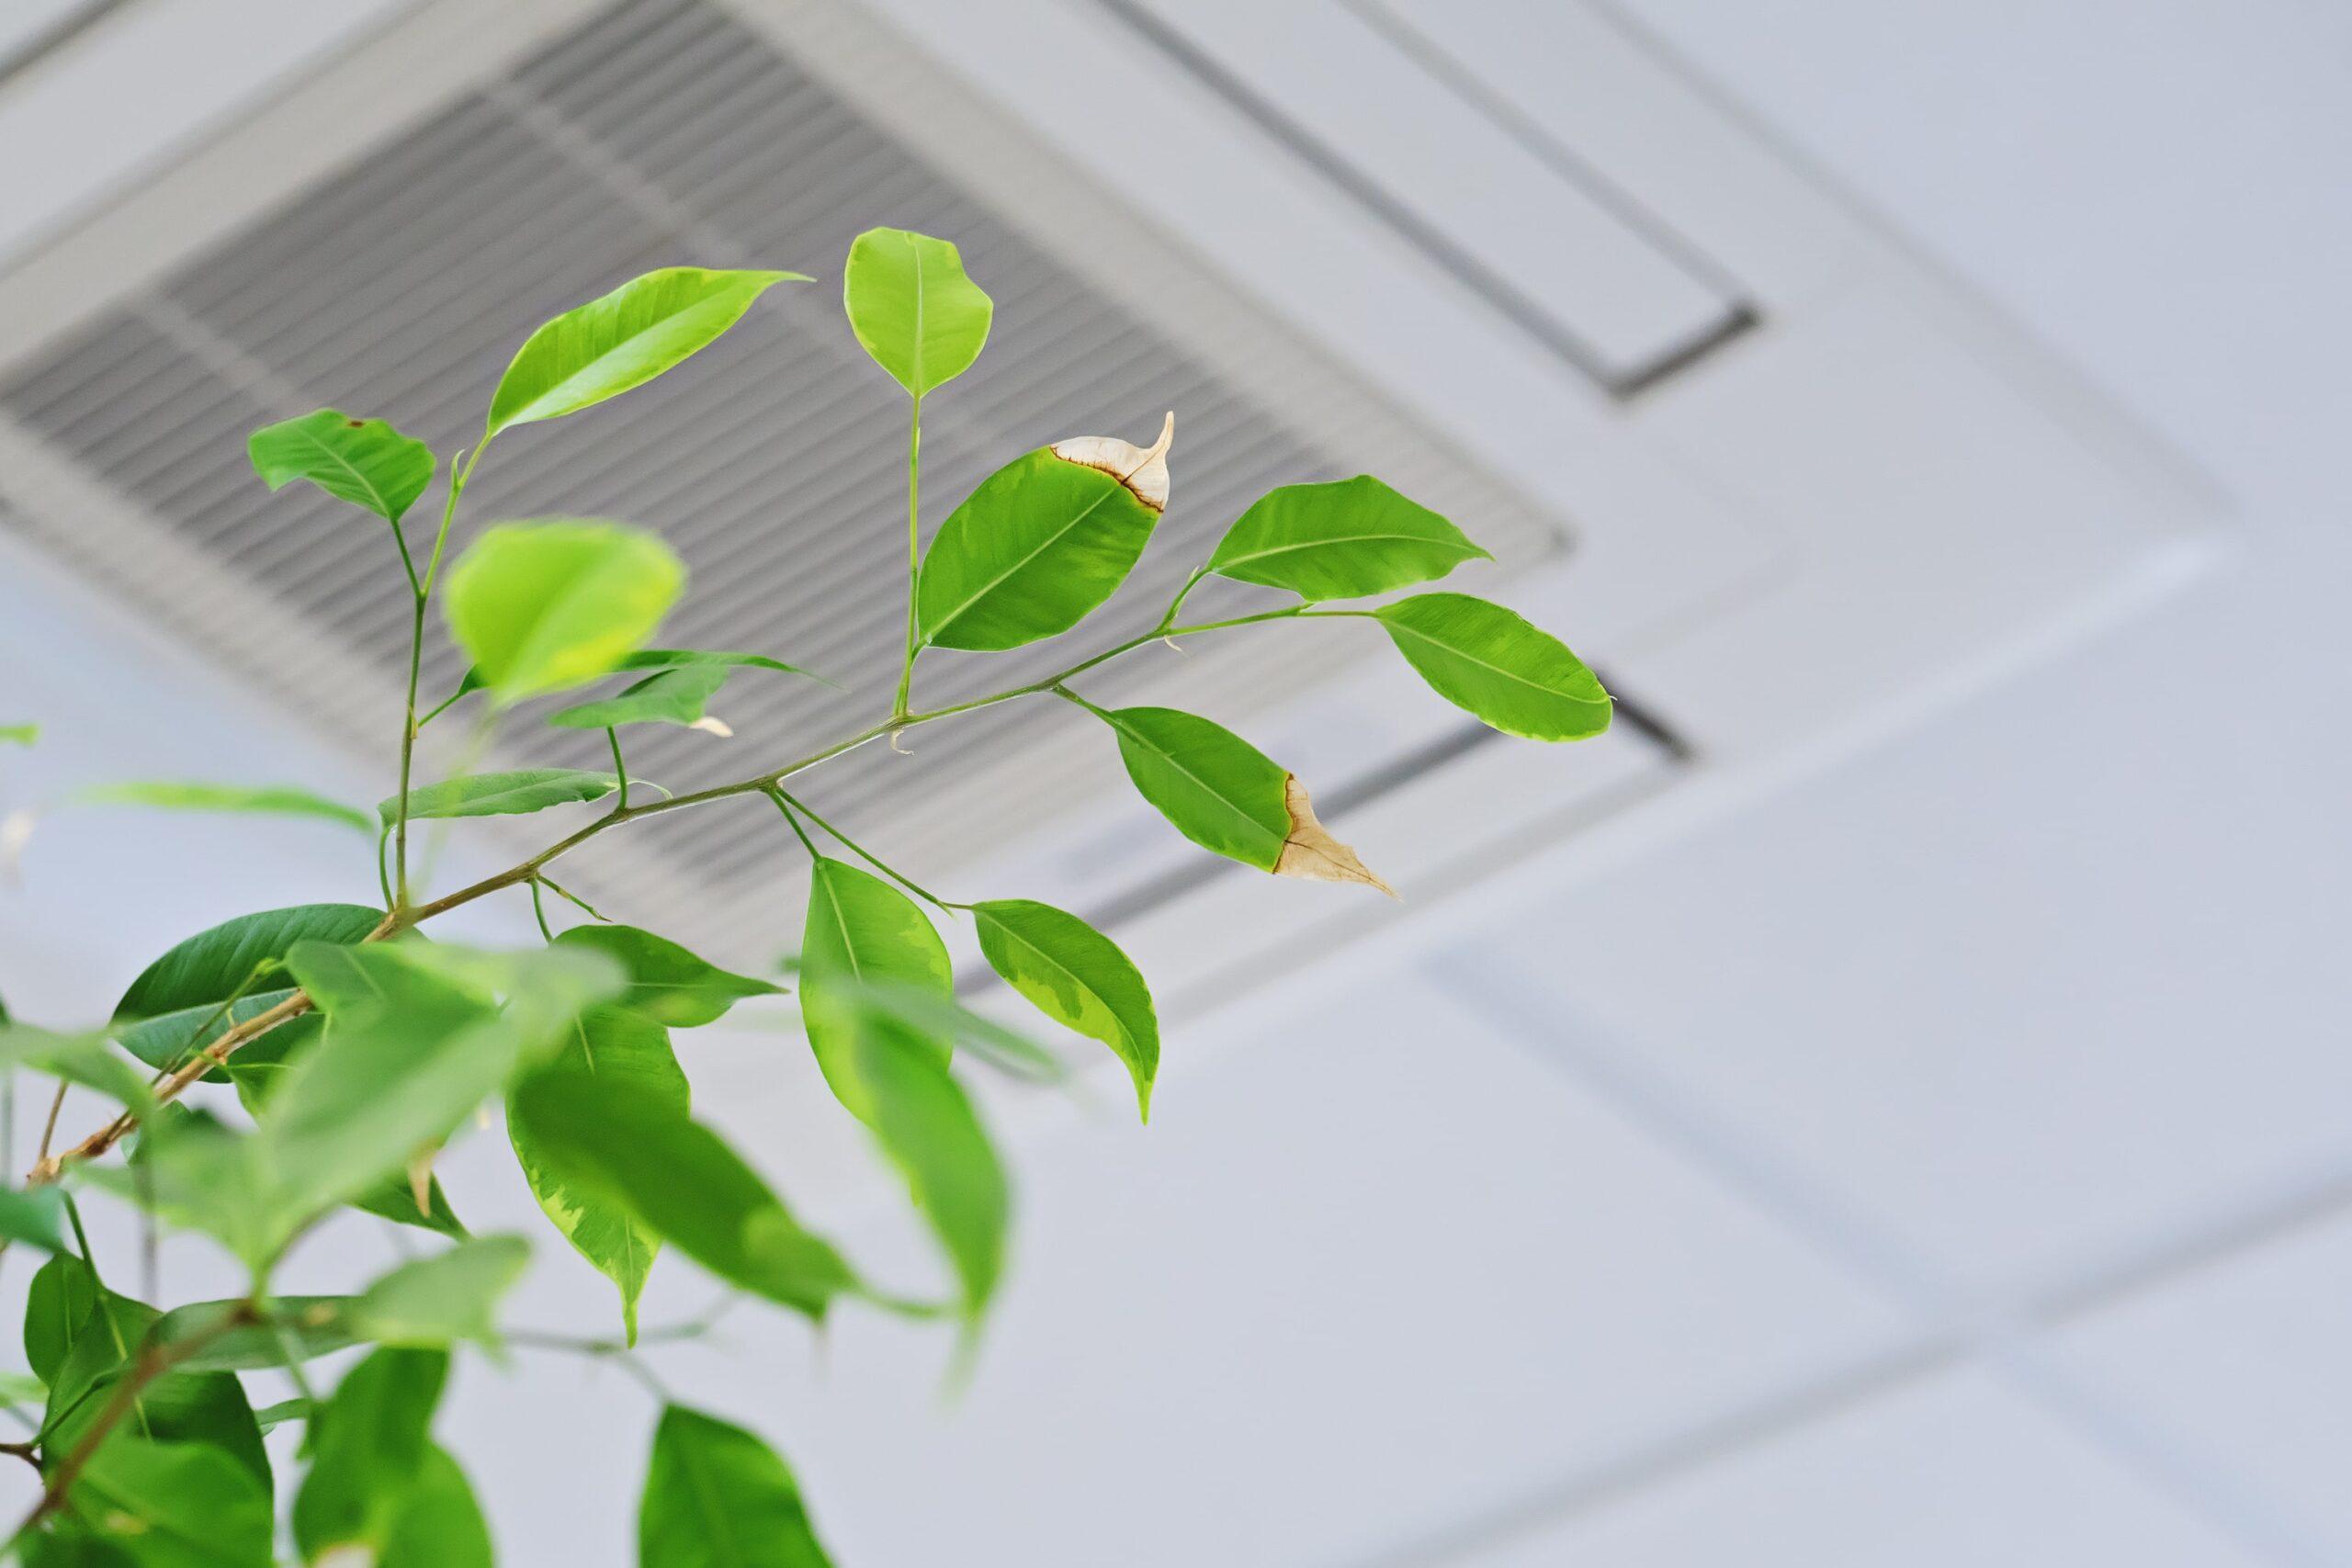 会議室を利用する際は「3密」に注意する以外にも換気設備を見直そう